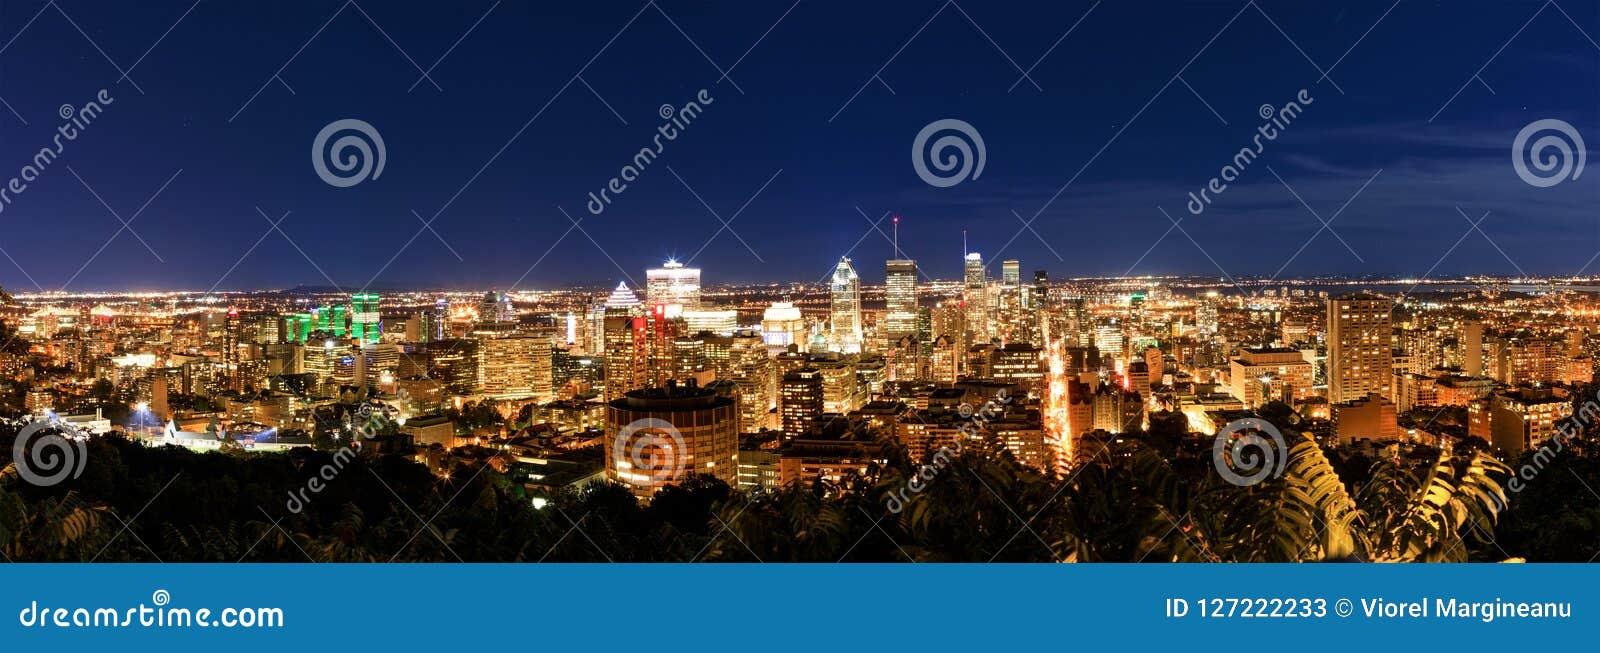 Montreal nachts, Ansicht vom Belvedere mit erstaunlicher Herbstfarbe